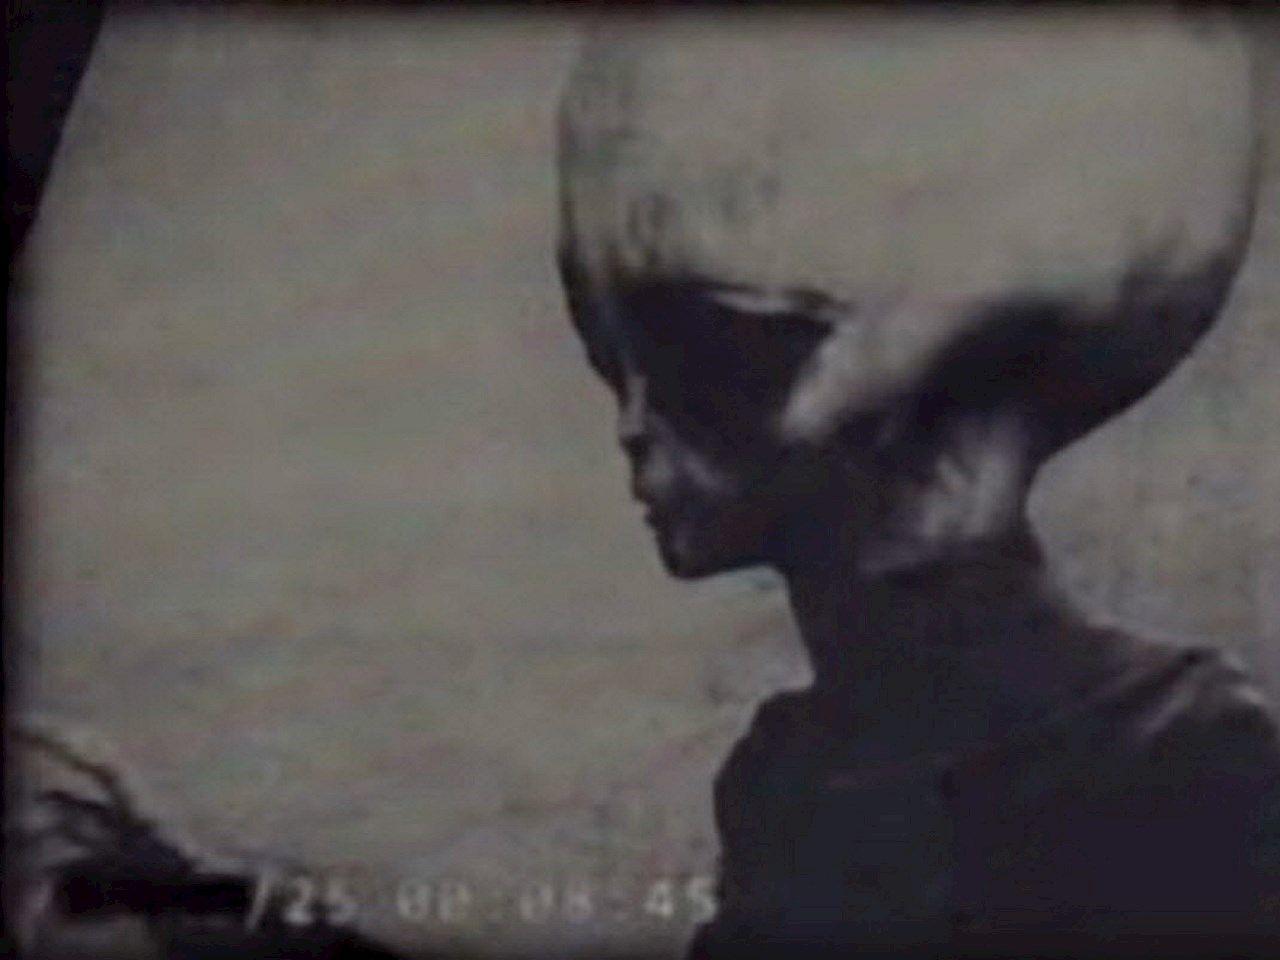 Leaked footage of Alien A K A  Skinny Bob from Zeta Reticuli star